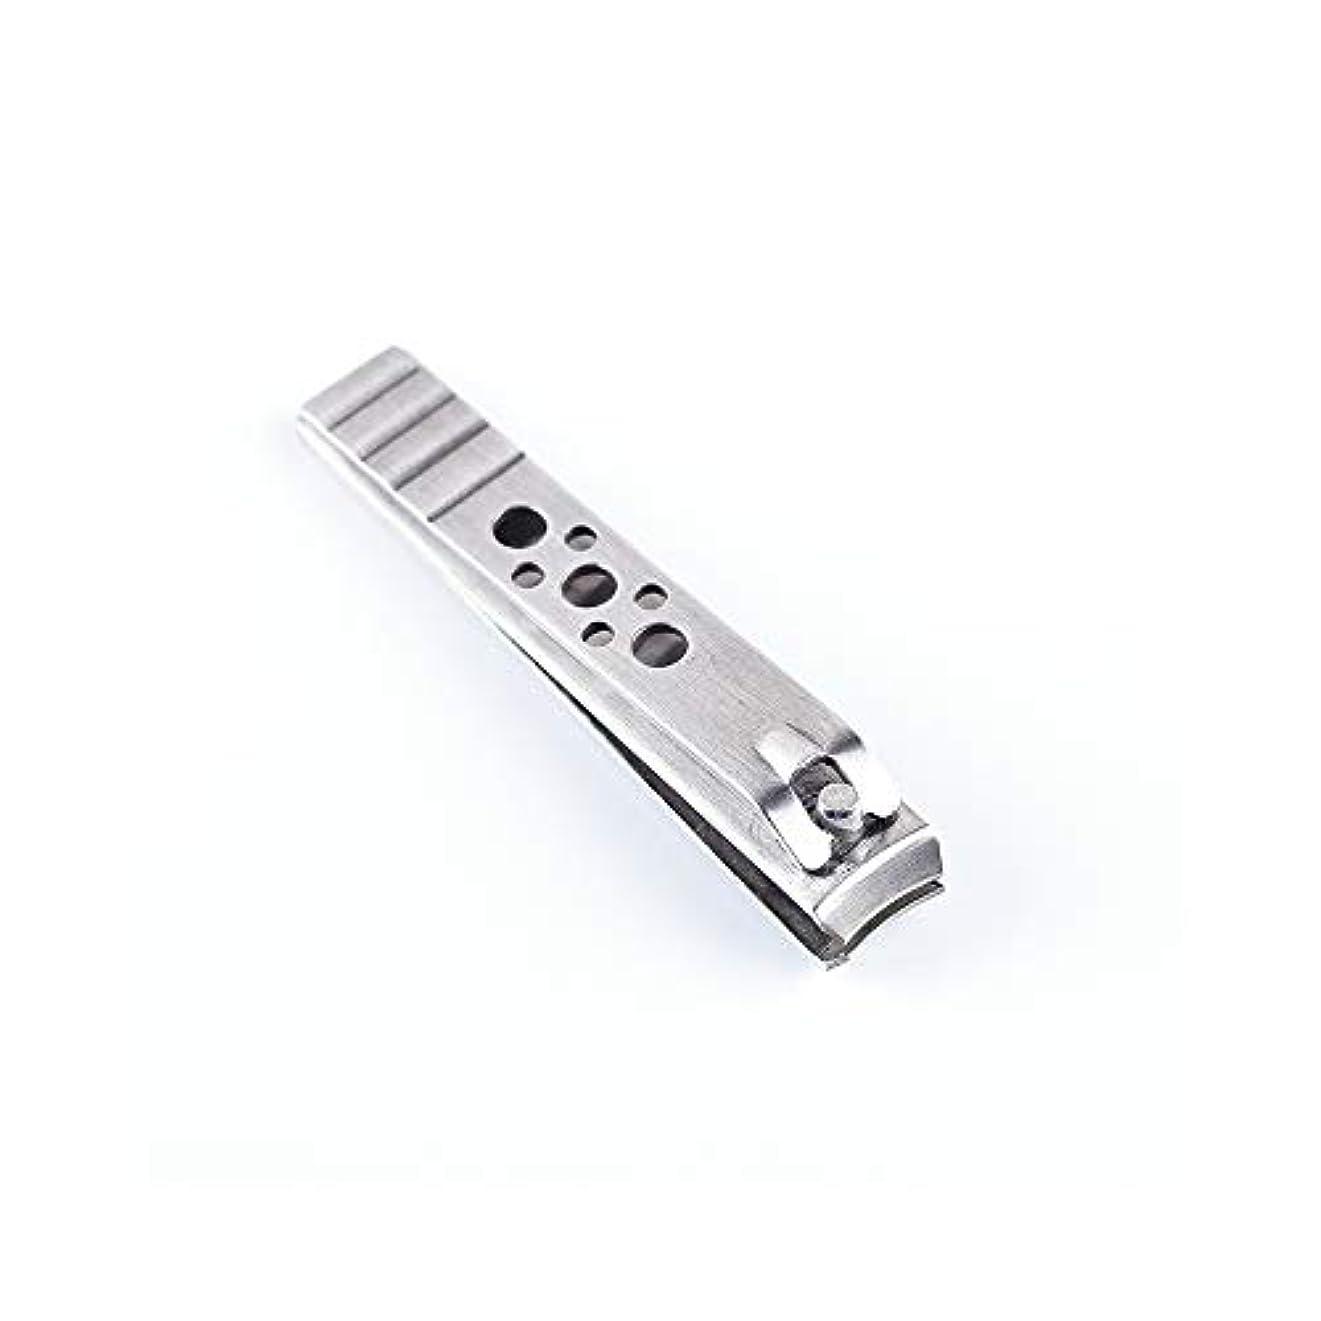 トピック言う扇動する平らな口 爪切り 飛び散り防止爪切り 高級ステンレス鋼製 爪やすり、シルバー